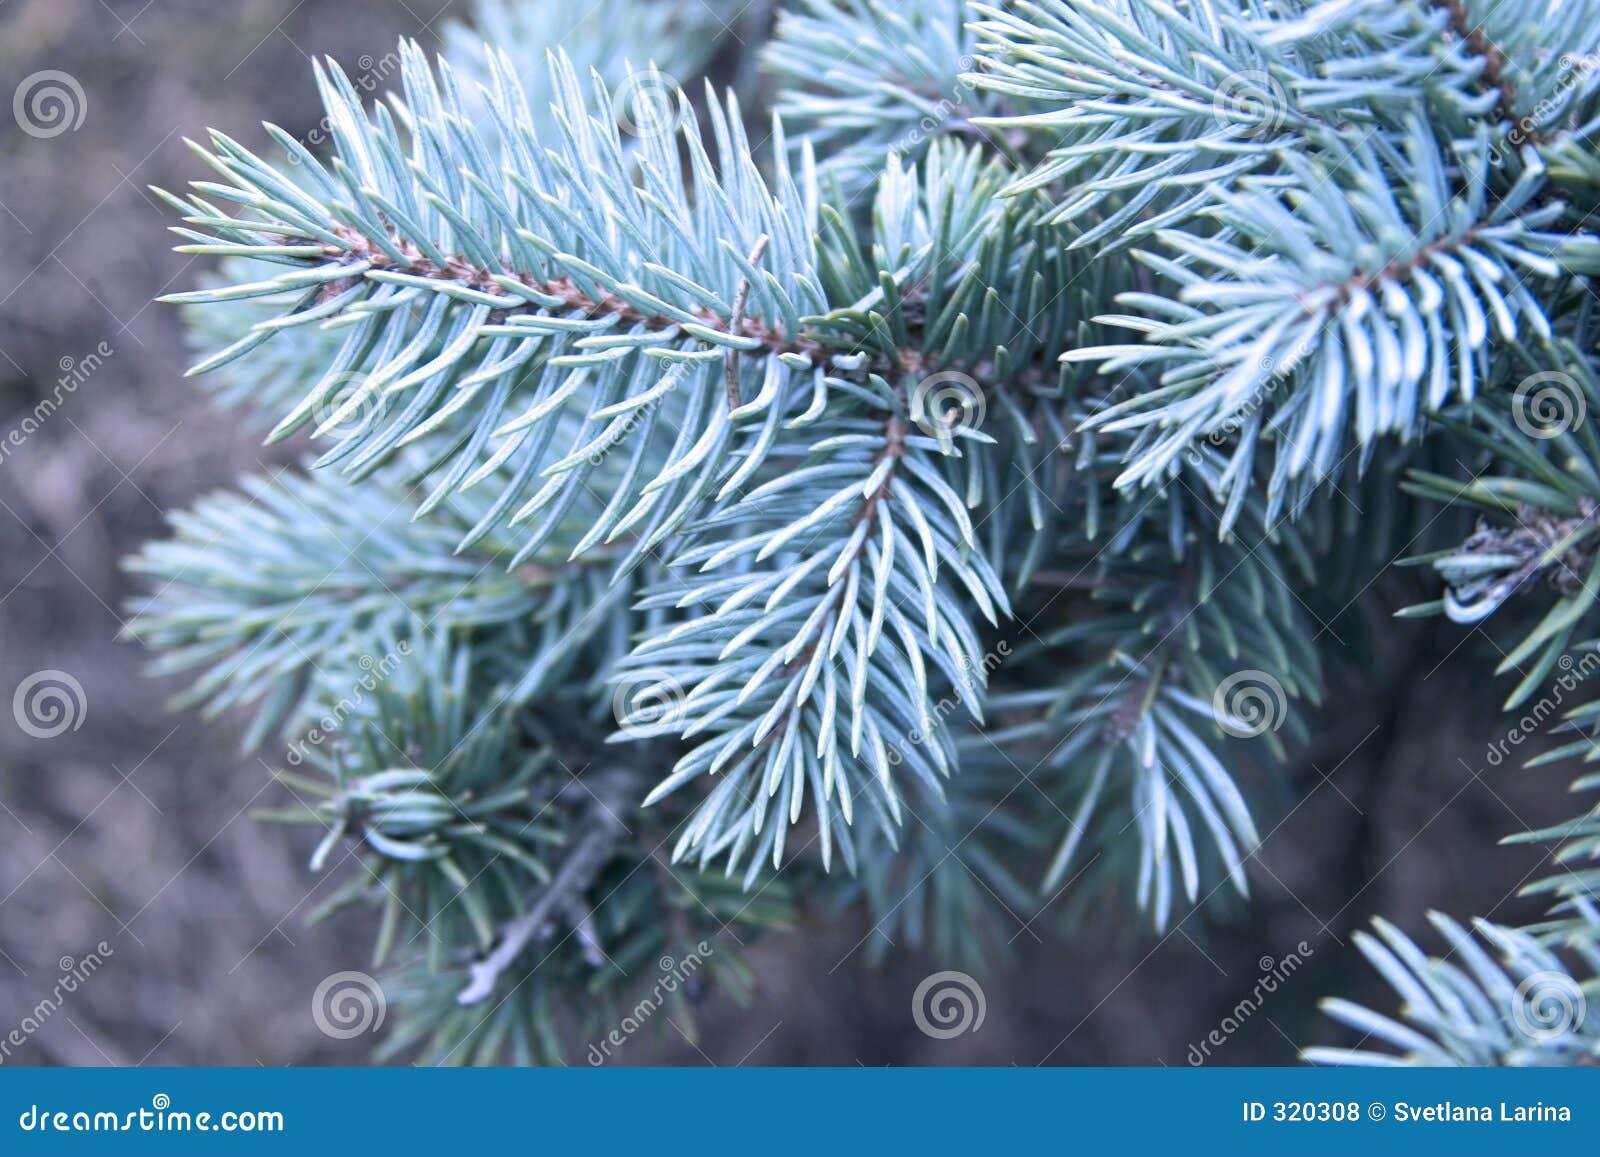 Blue Pine Tree Royalty Free Stock Photos - Image: 320308